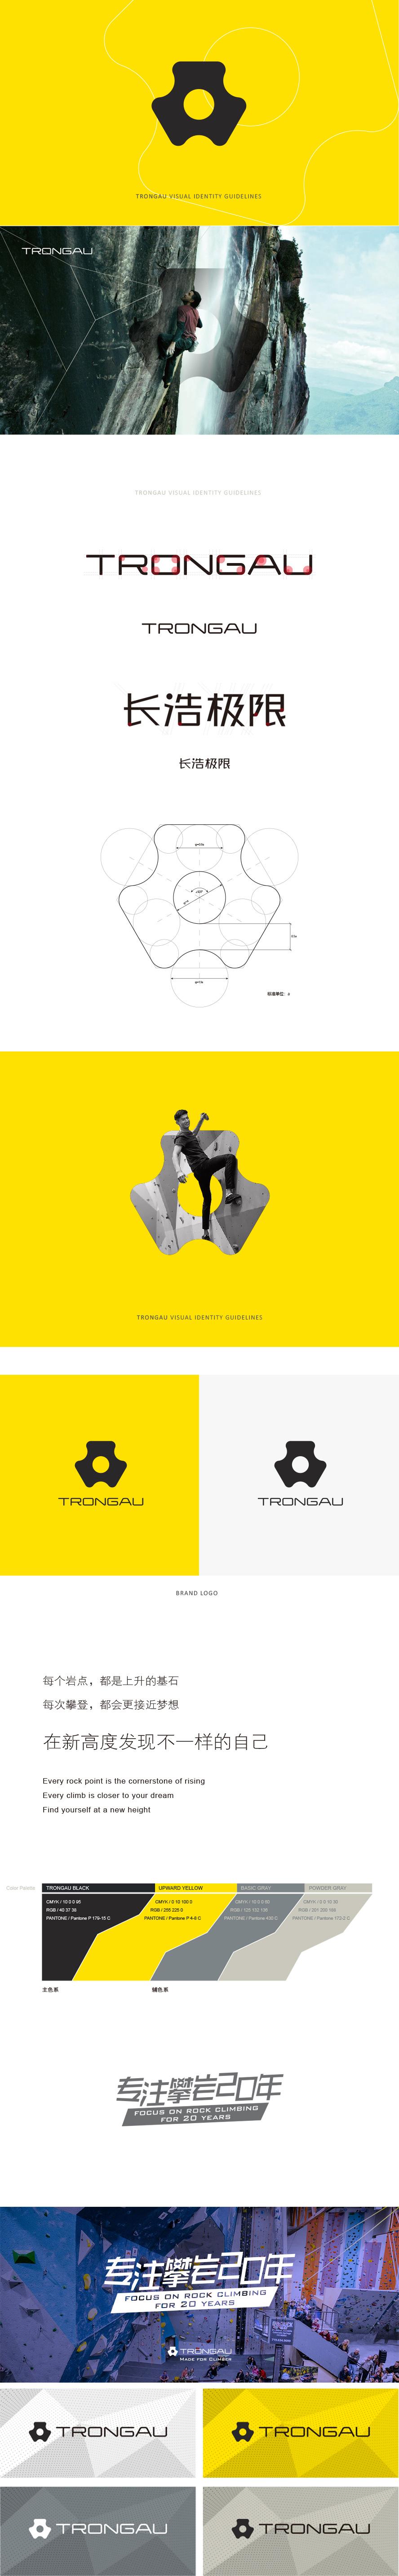 攀岩运动品牌形象設計